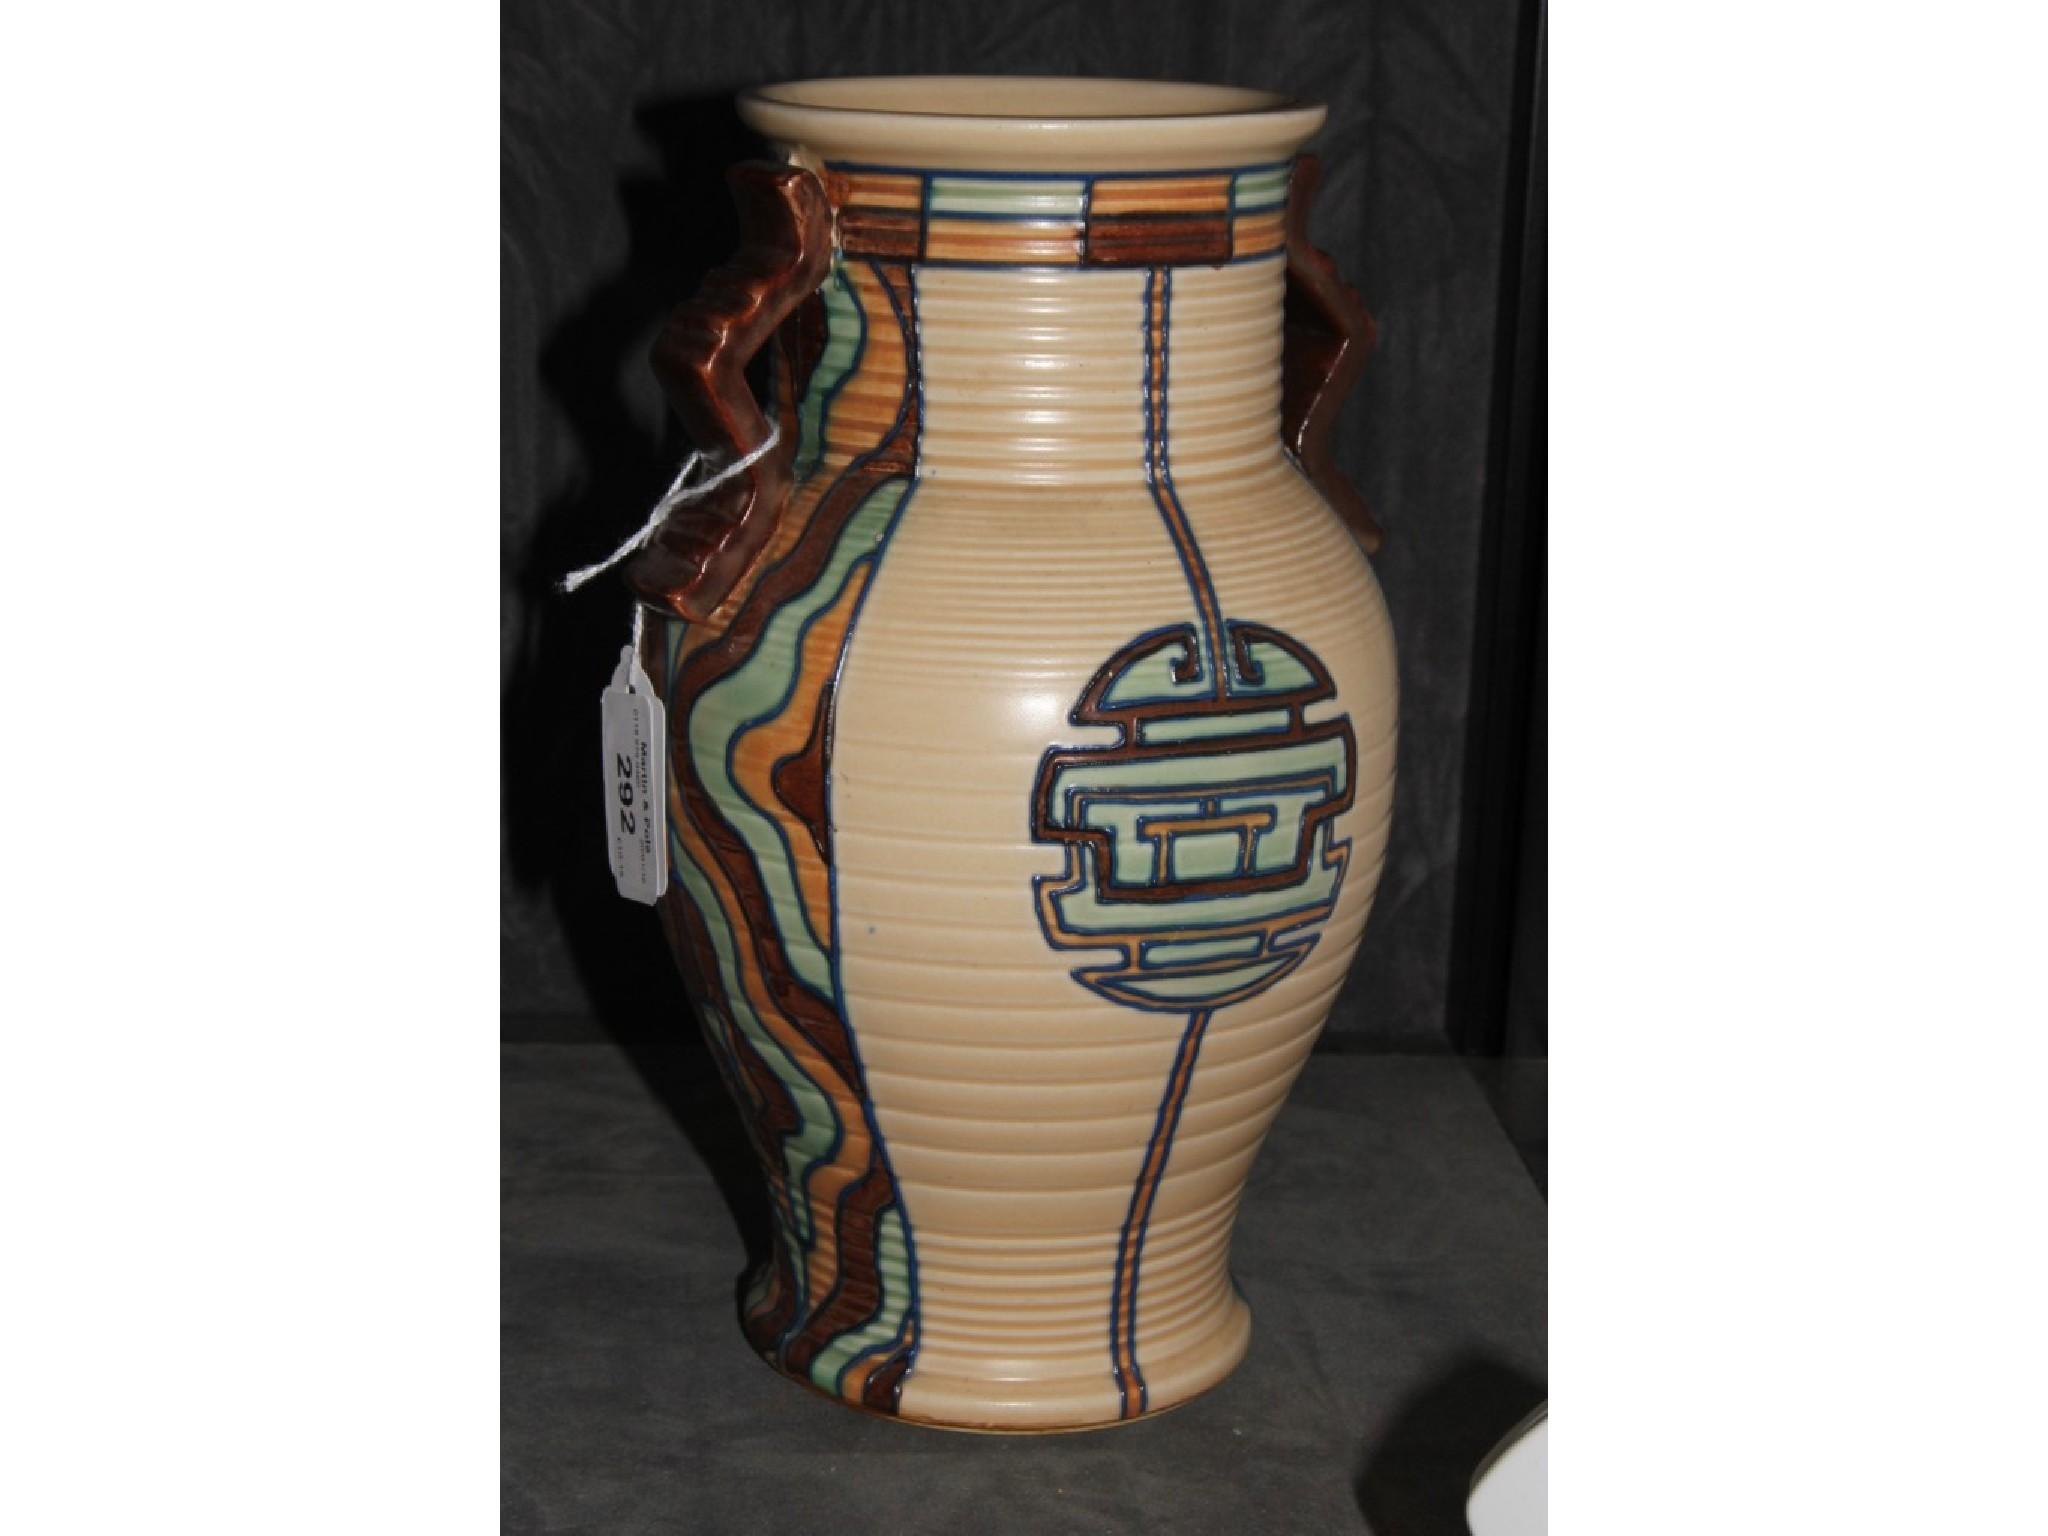 A Royal Cauldon vase of Aztec design